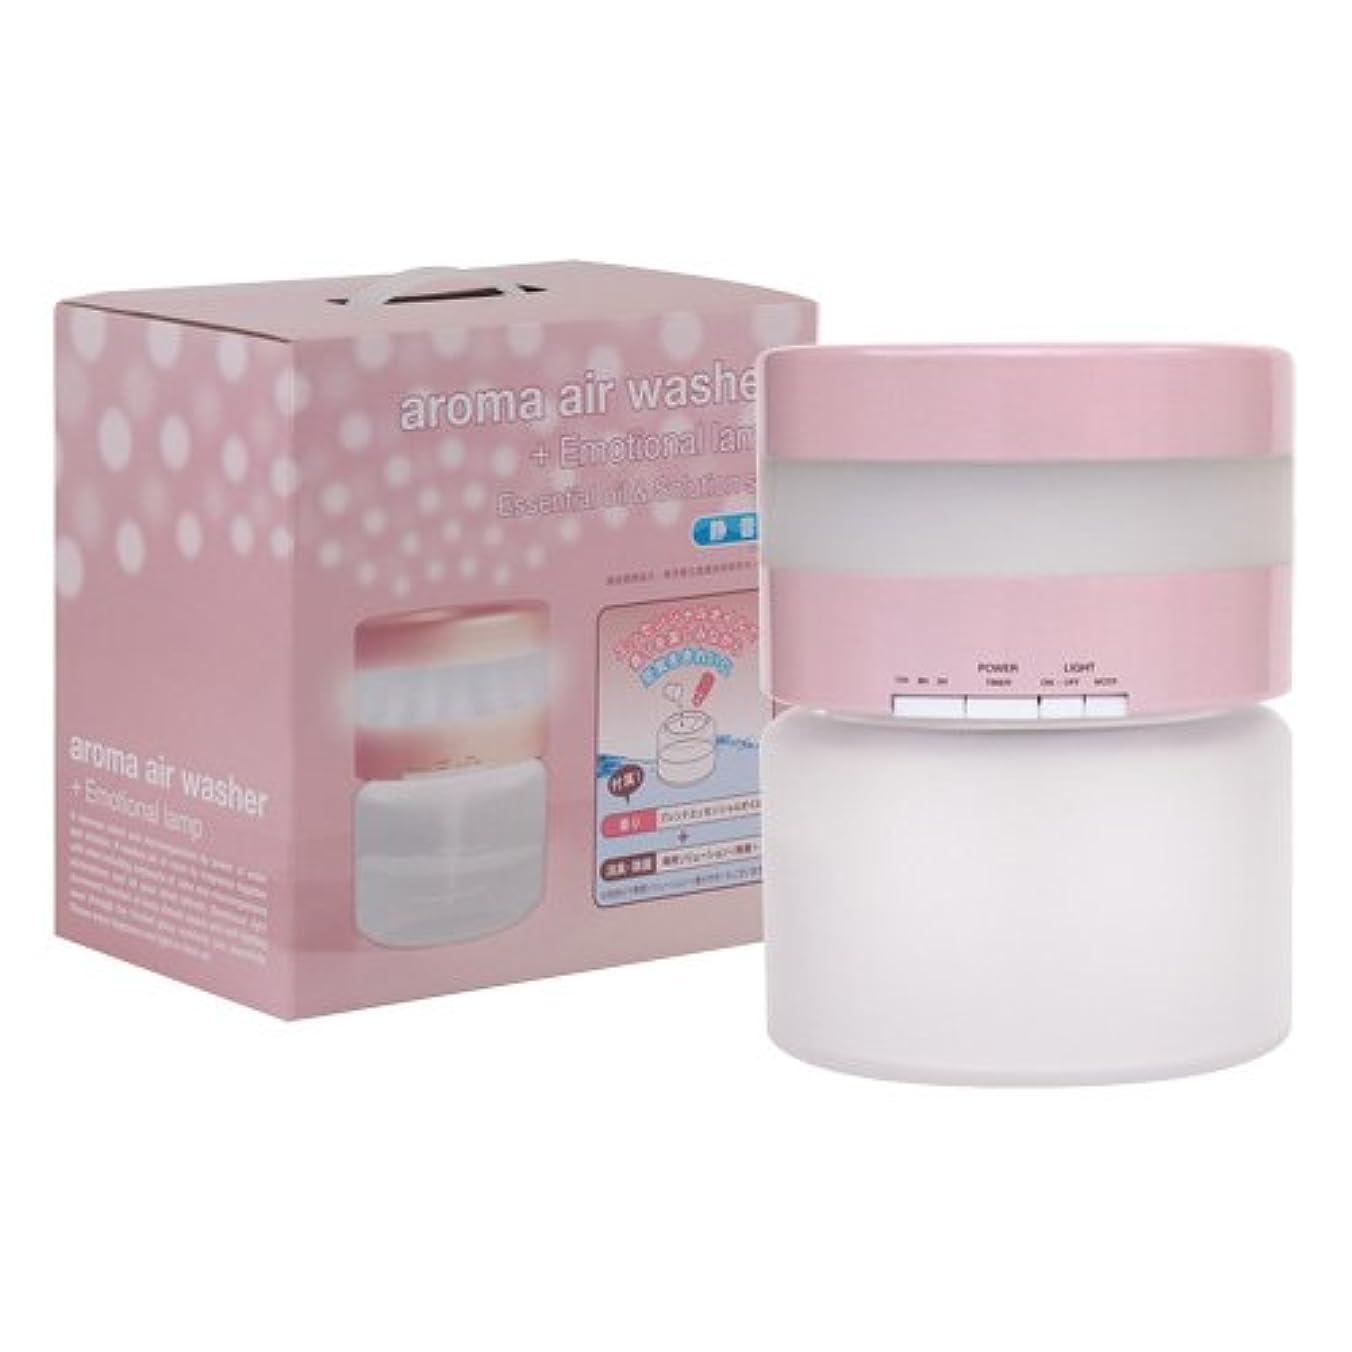 清める卒業ミンチ空気洗浄器 アロマエアウォッシャー + エモーショナルランプ ピンク